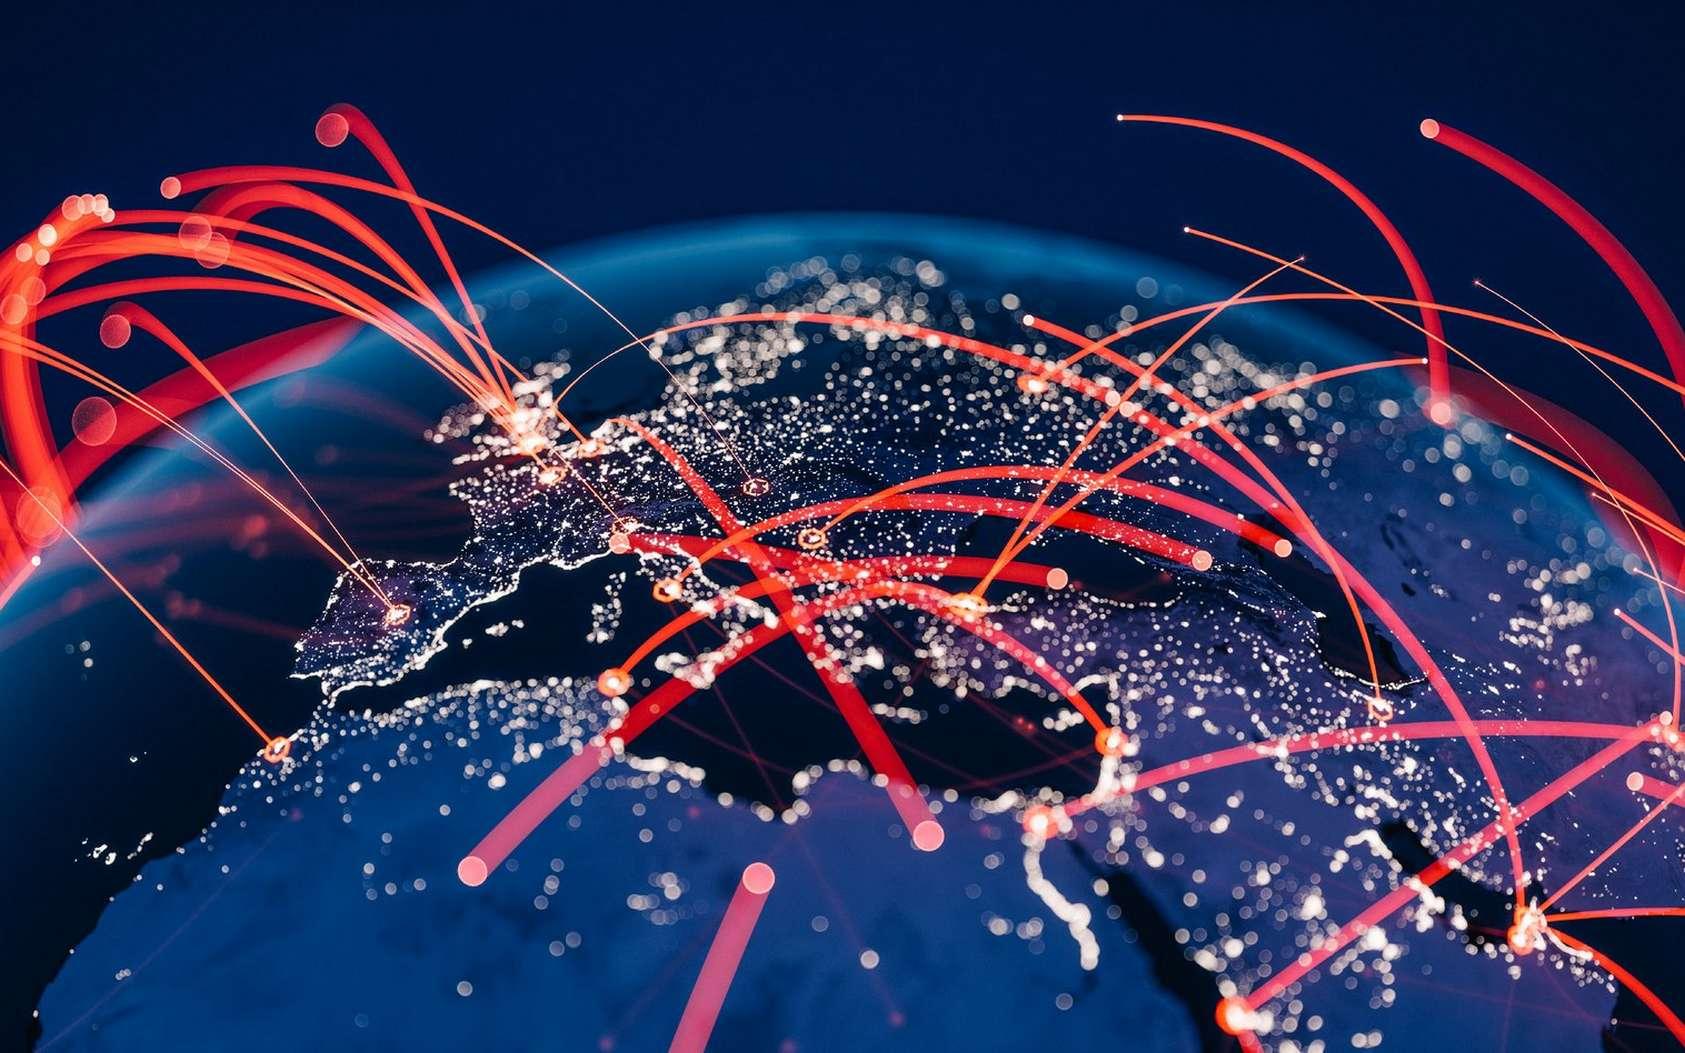 L'Union européenne cherche à faire front commun contre les cybermenaces. © imaginima / Getty Images